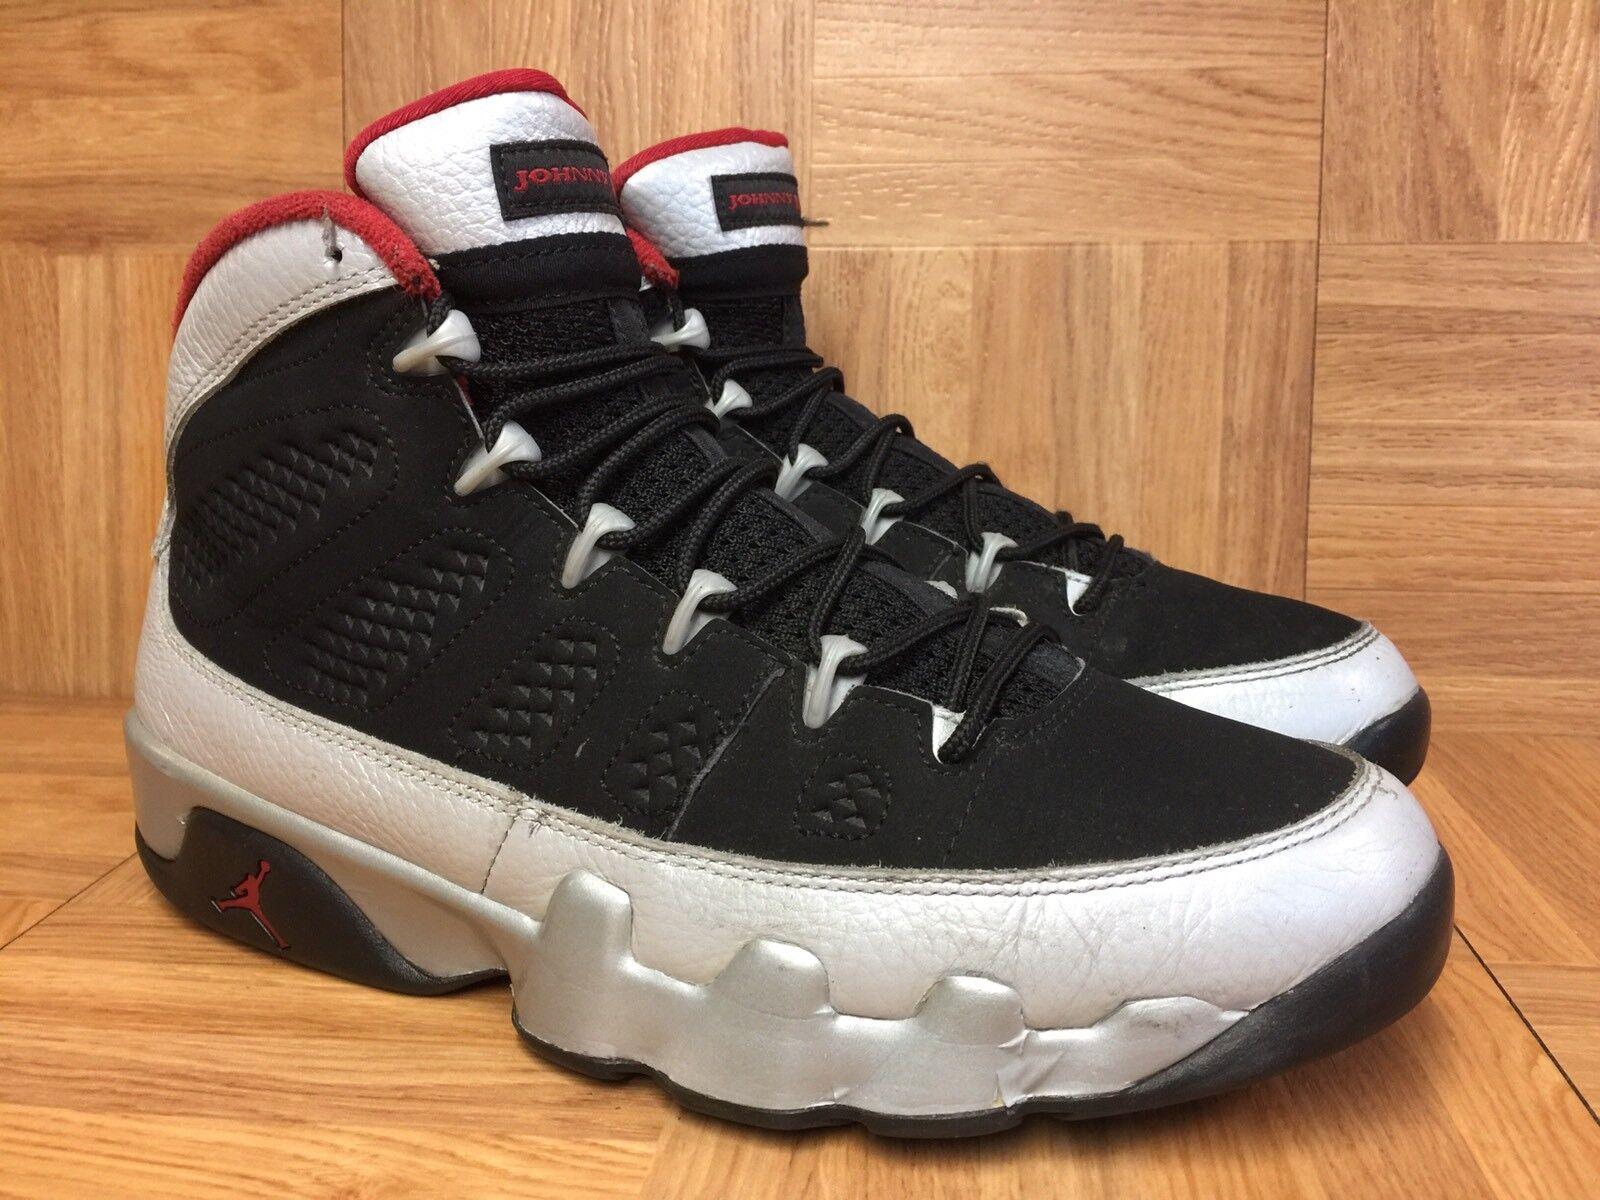 RARE RARE RARE Nike Air Jordan 9 IX Retro Johnny Kilroy Black Platinum Red 8 302370-012 bfc1c4